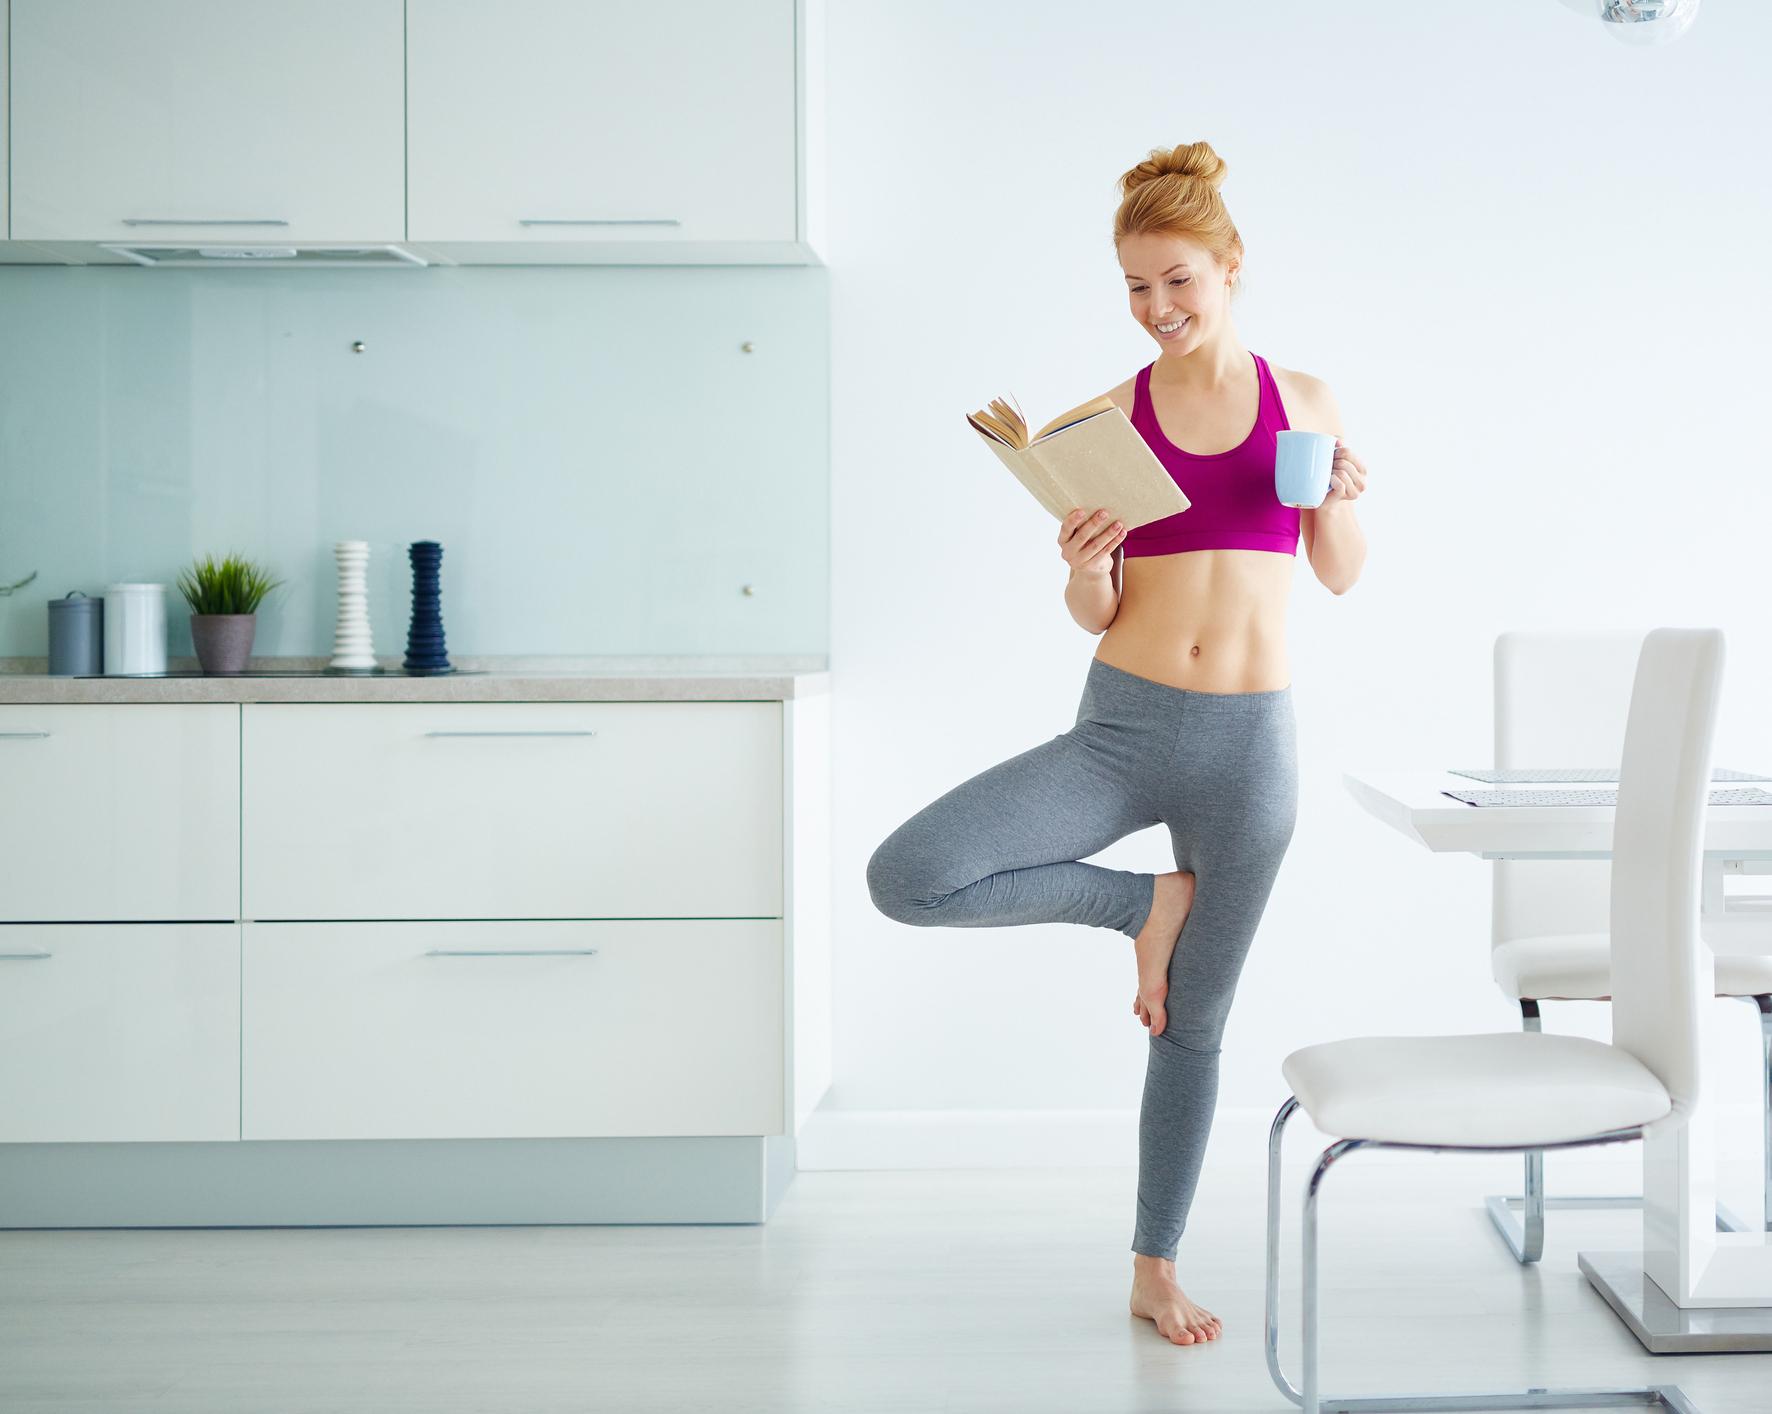 Selbstdisziplin: Ein wichtiger Faktor für die Gesundheit